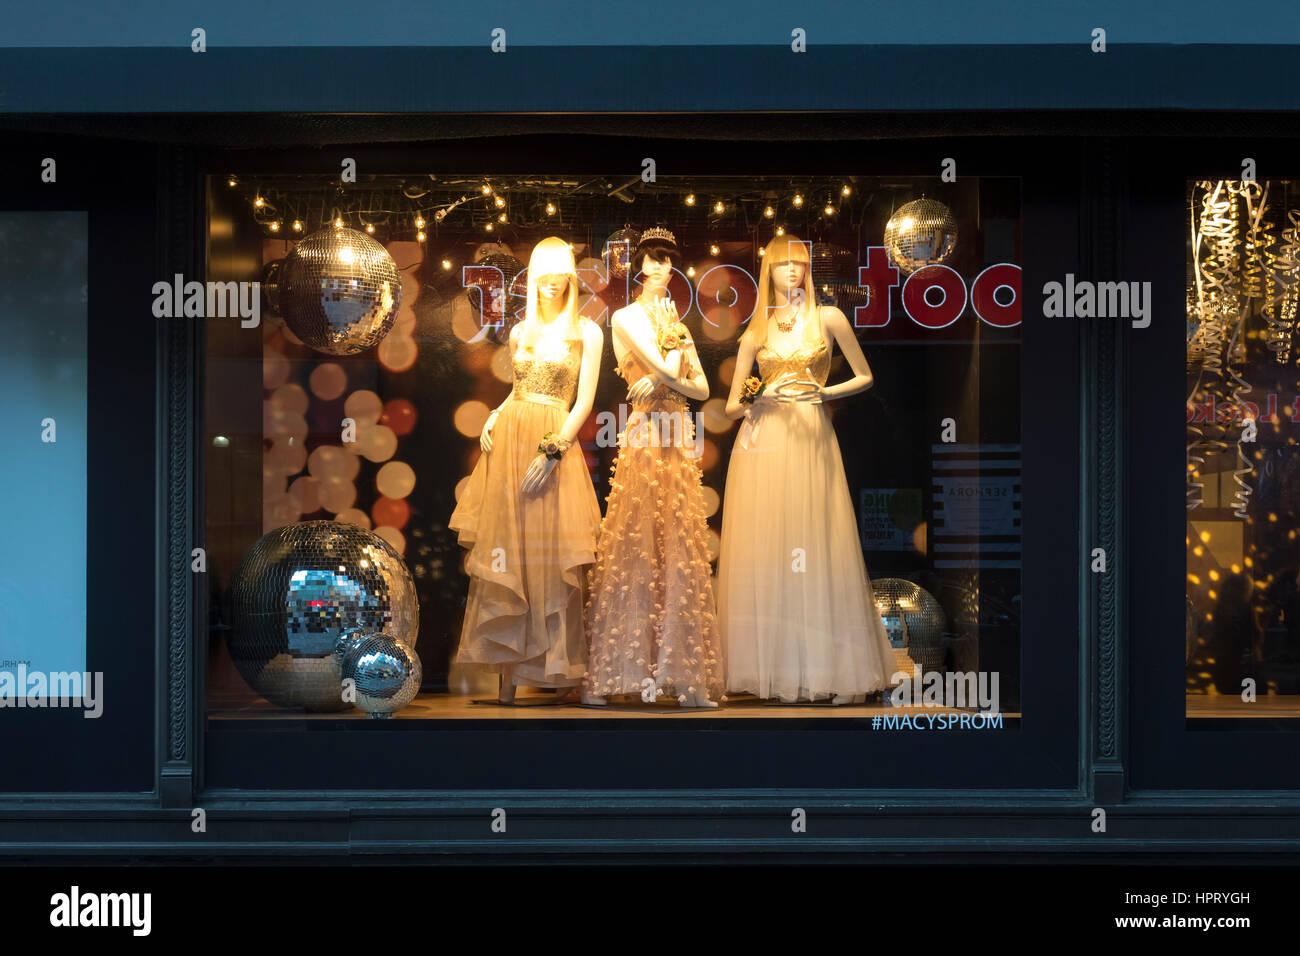 947a2ee10e2e Prom Dresses Stock Photos & Prom Dresses Stock Images - Alamy